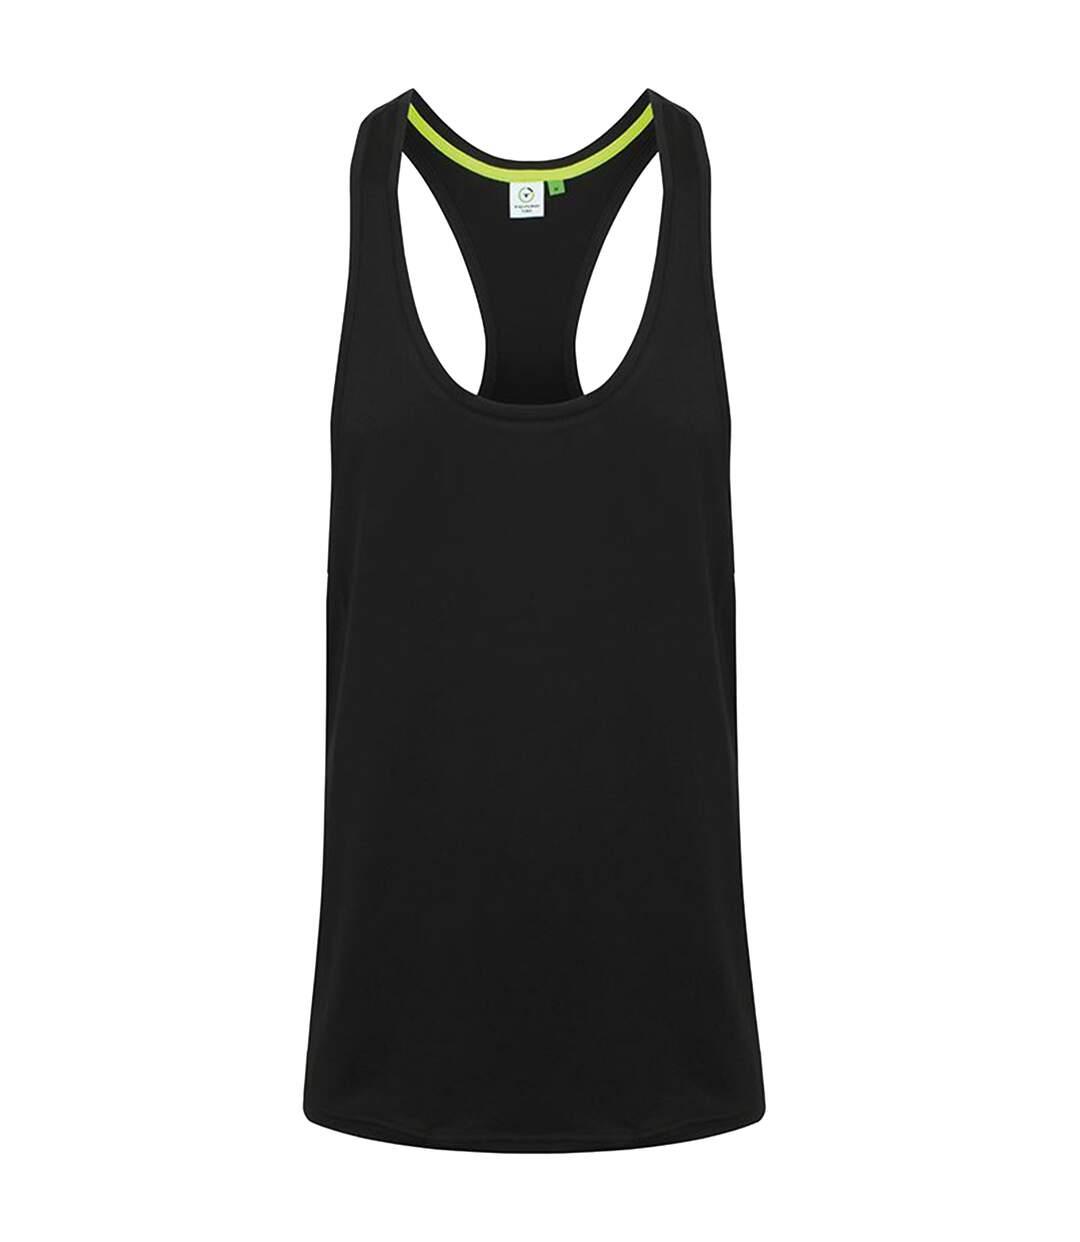 Tombo Mens Muscle Vest (Black) - UTRW5472